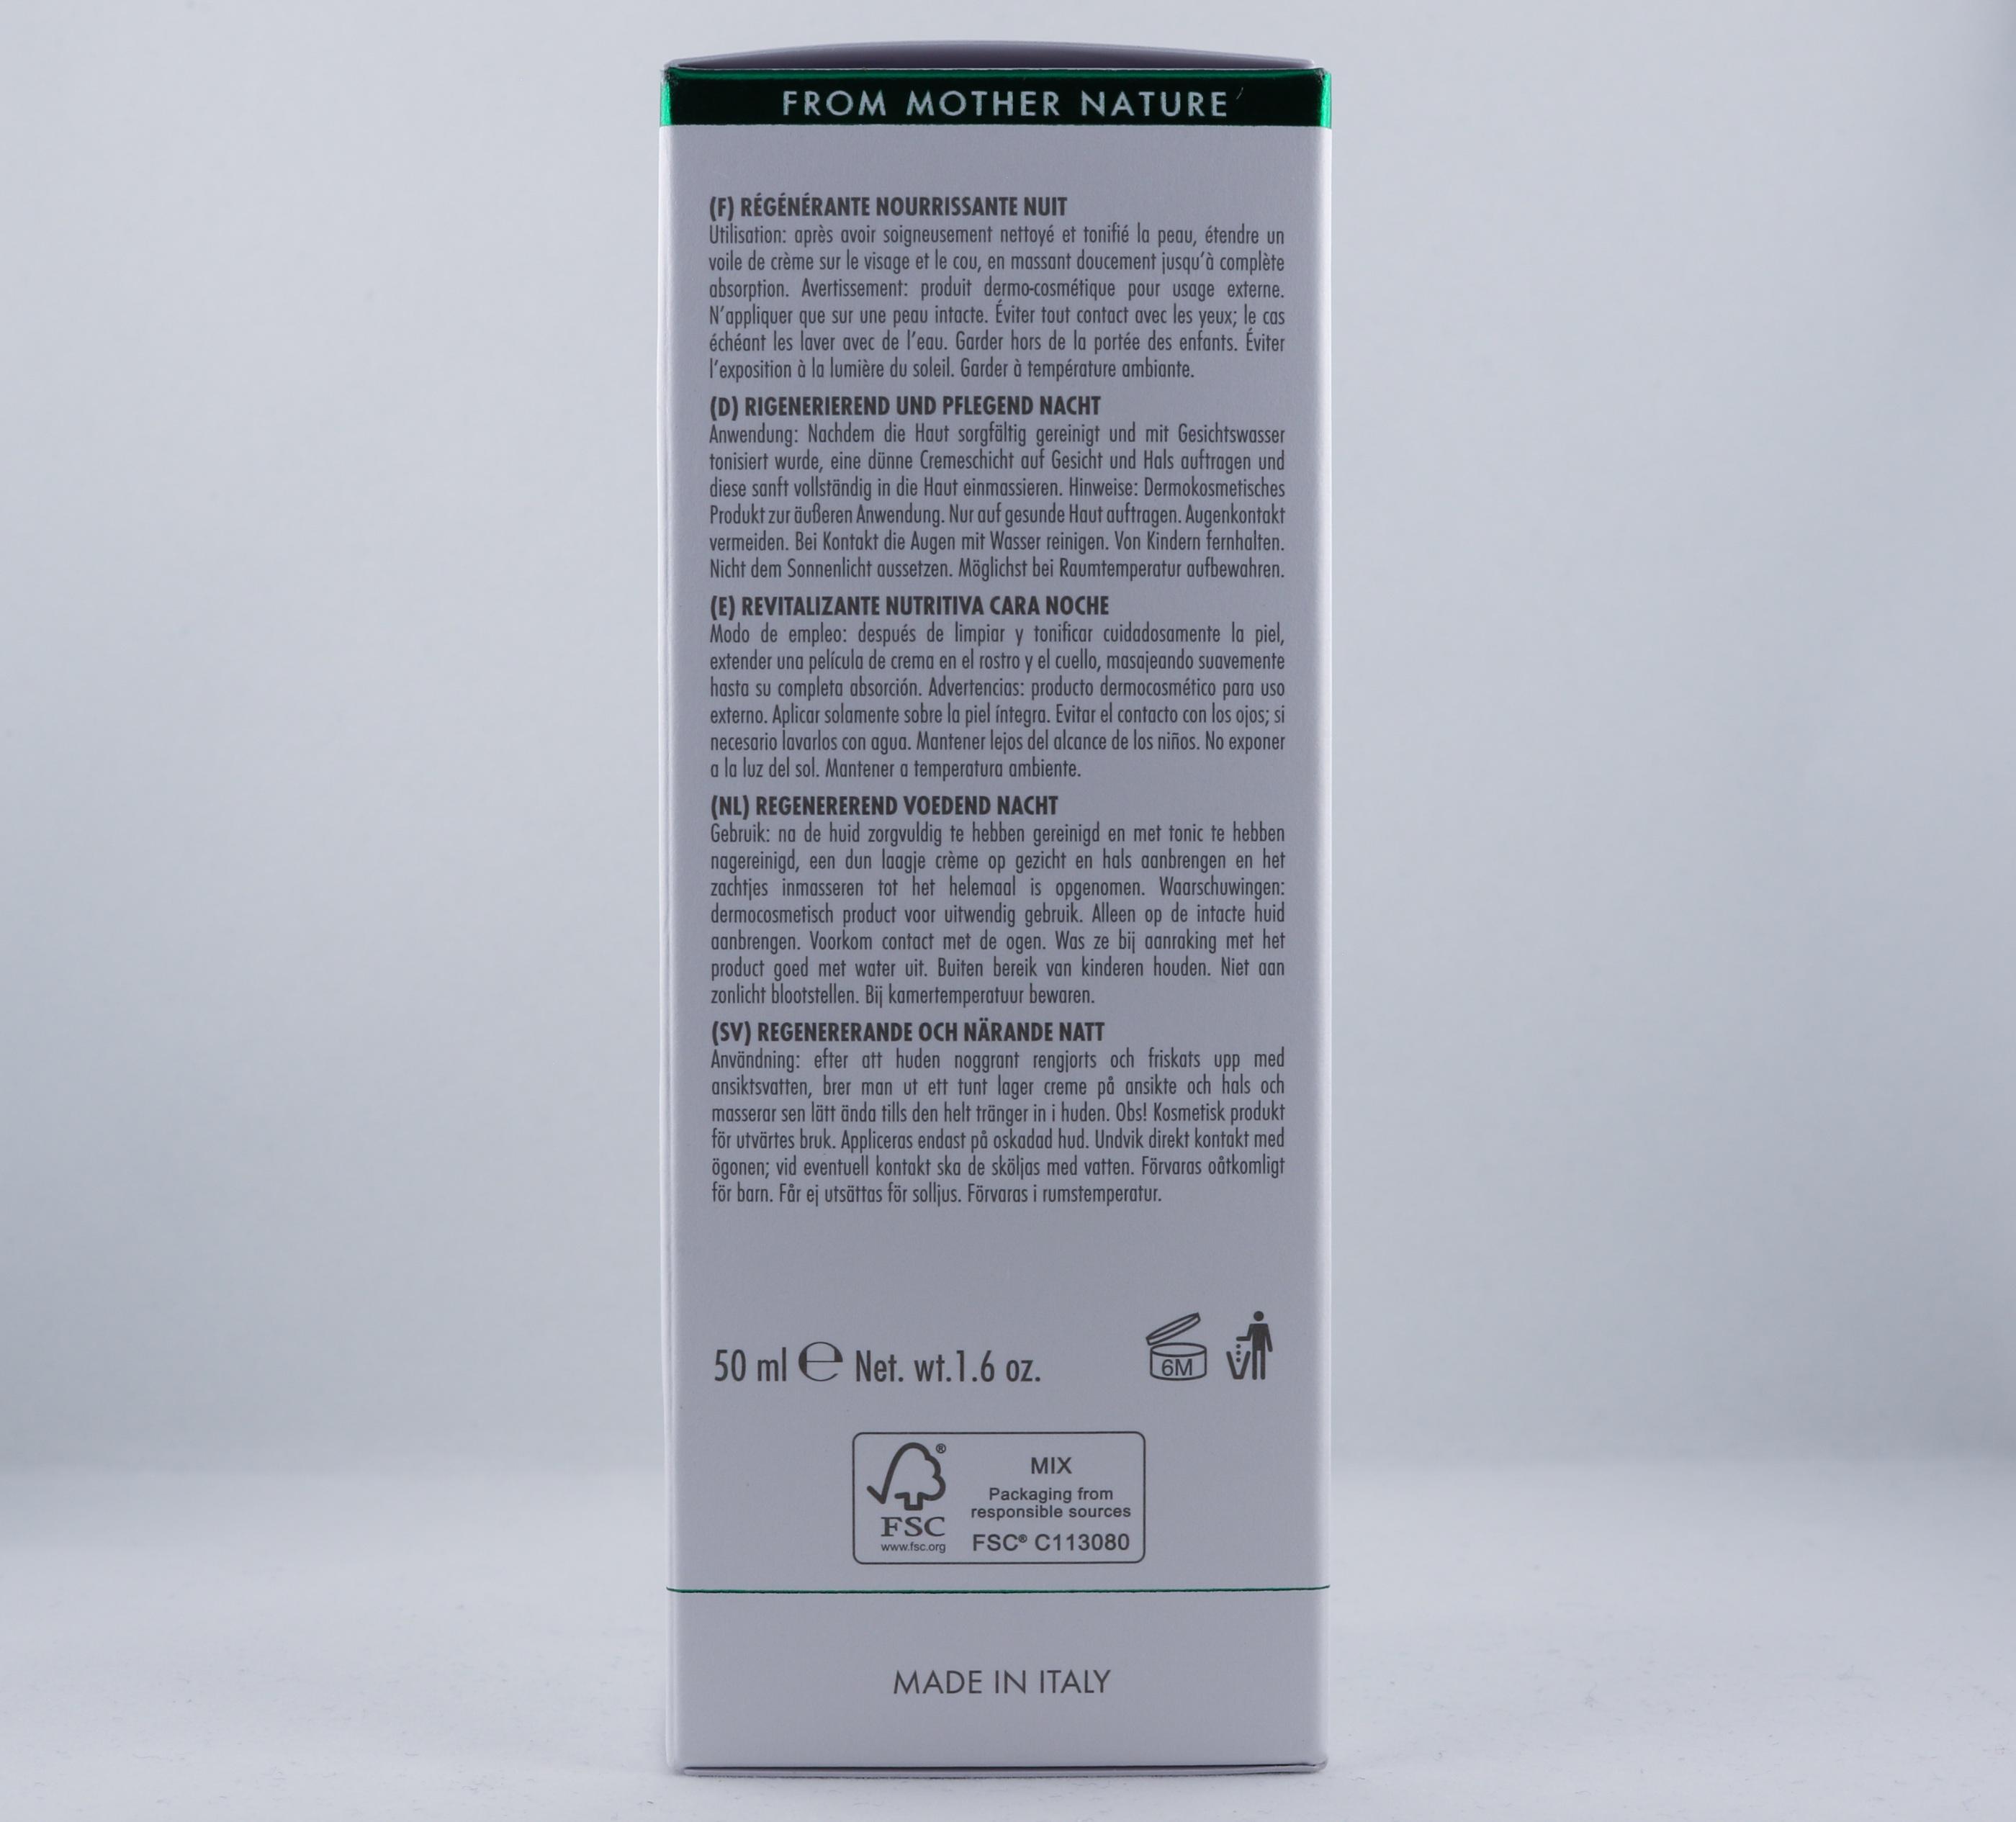 Vata Ginseng and Jojoba Cream hudvårdsprodukt hudvårdstyp alternativ hälsa wellness ayurveda hudvård